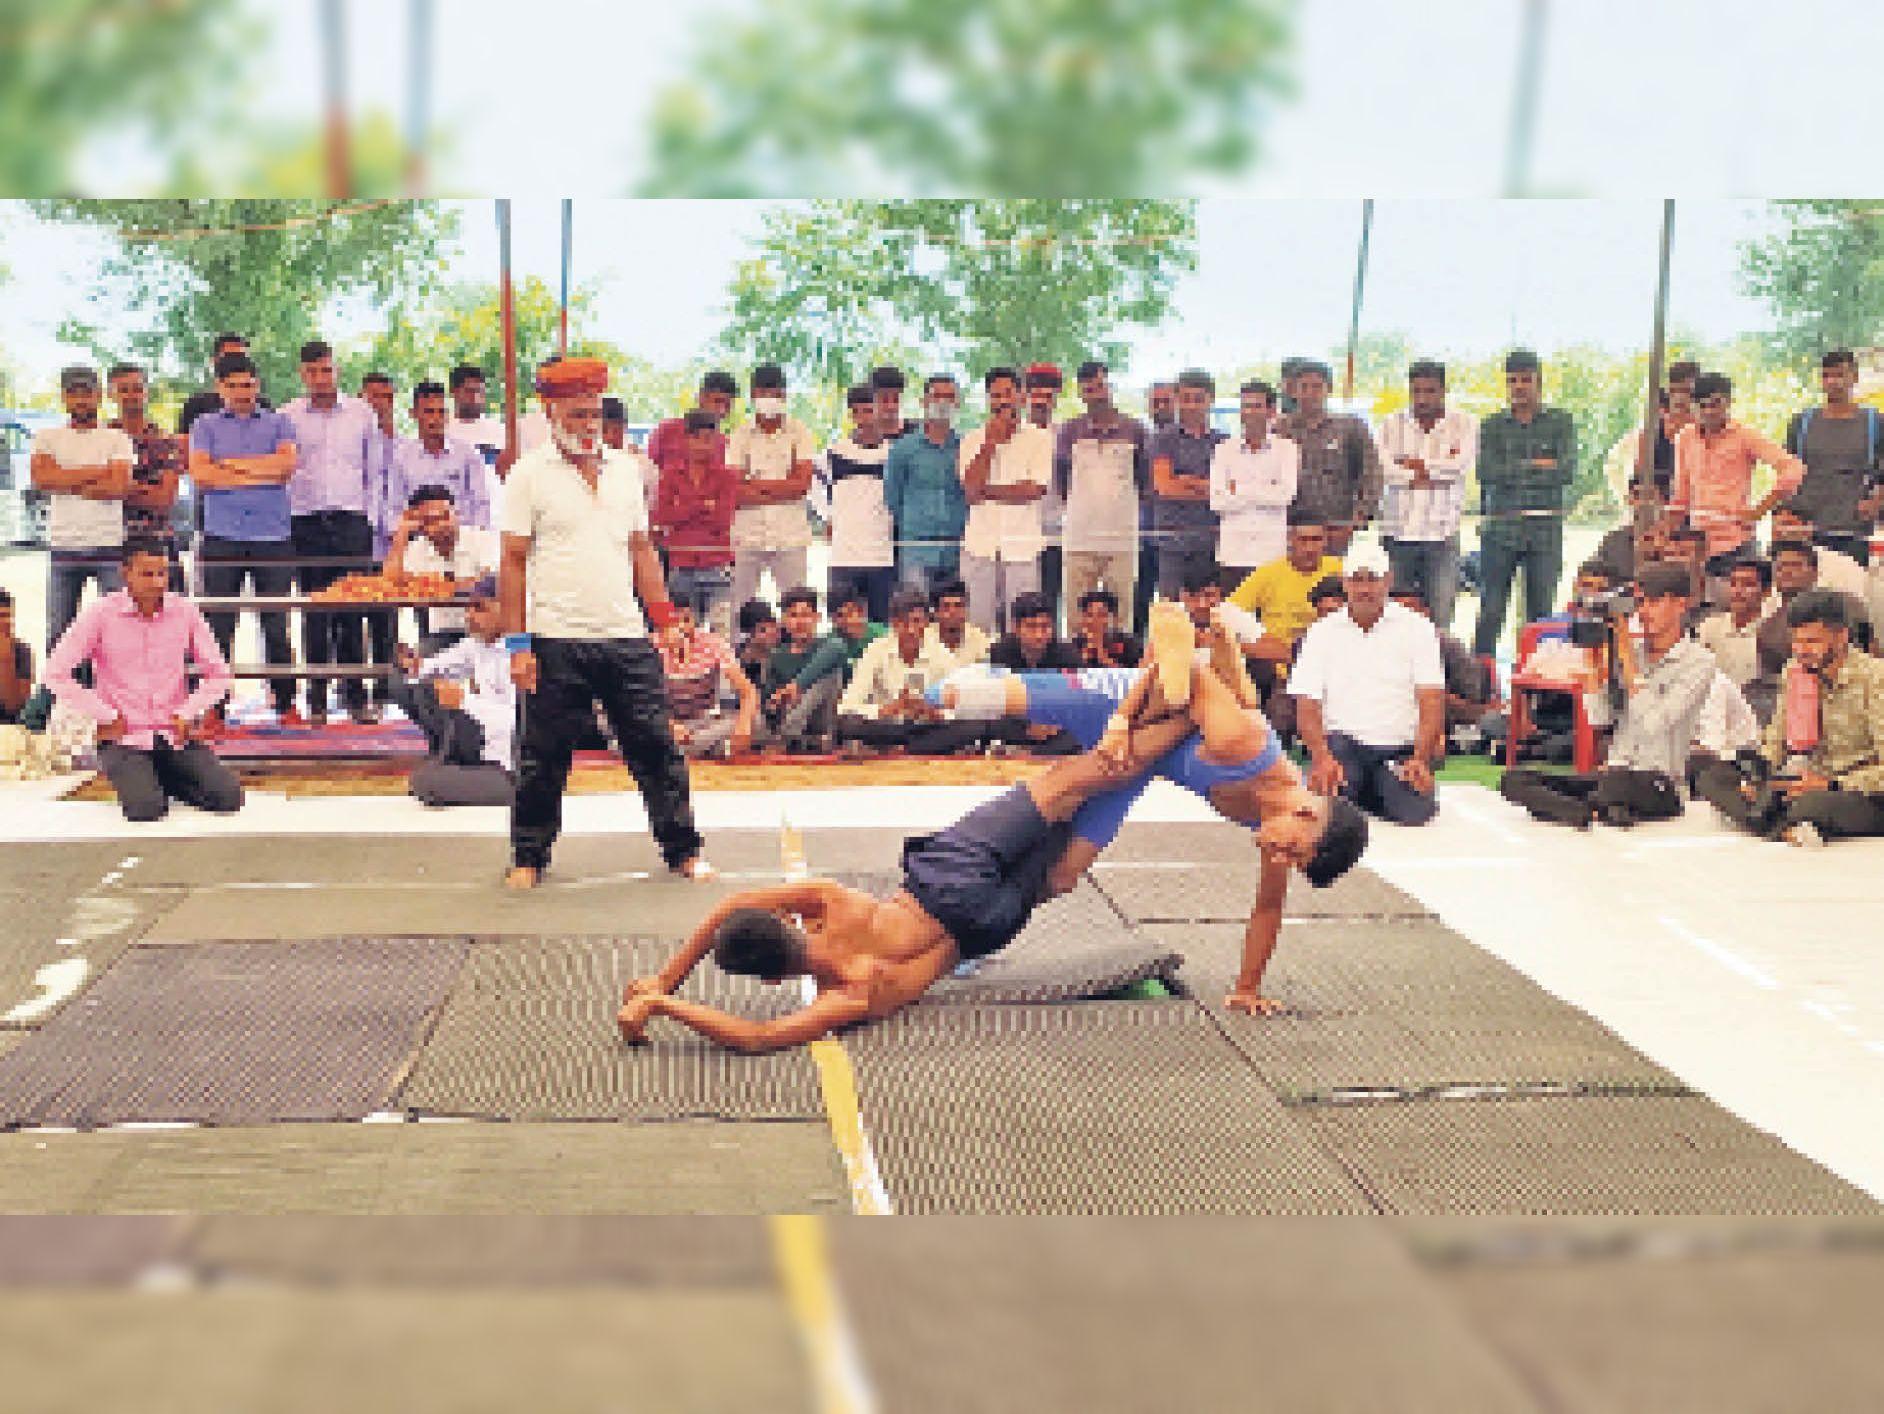 63 किलो में मोनिका, 70 किलो भारवर्ग में सीमा जीती|खींवसर,Khiwsar - Dainik Bhaskar